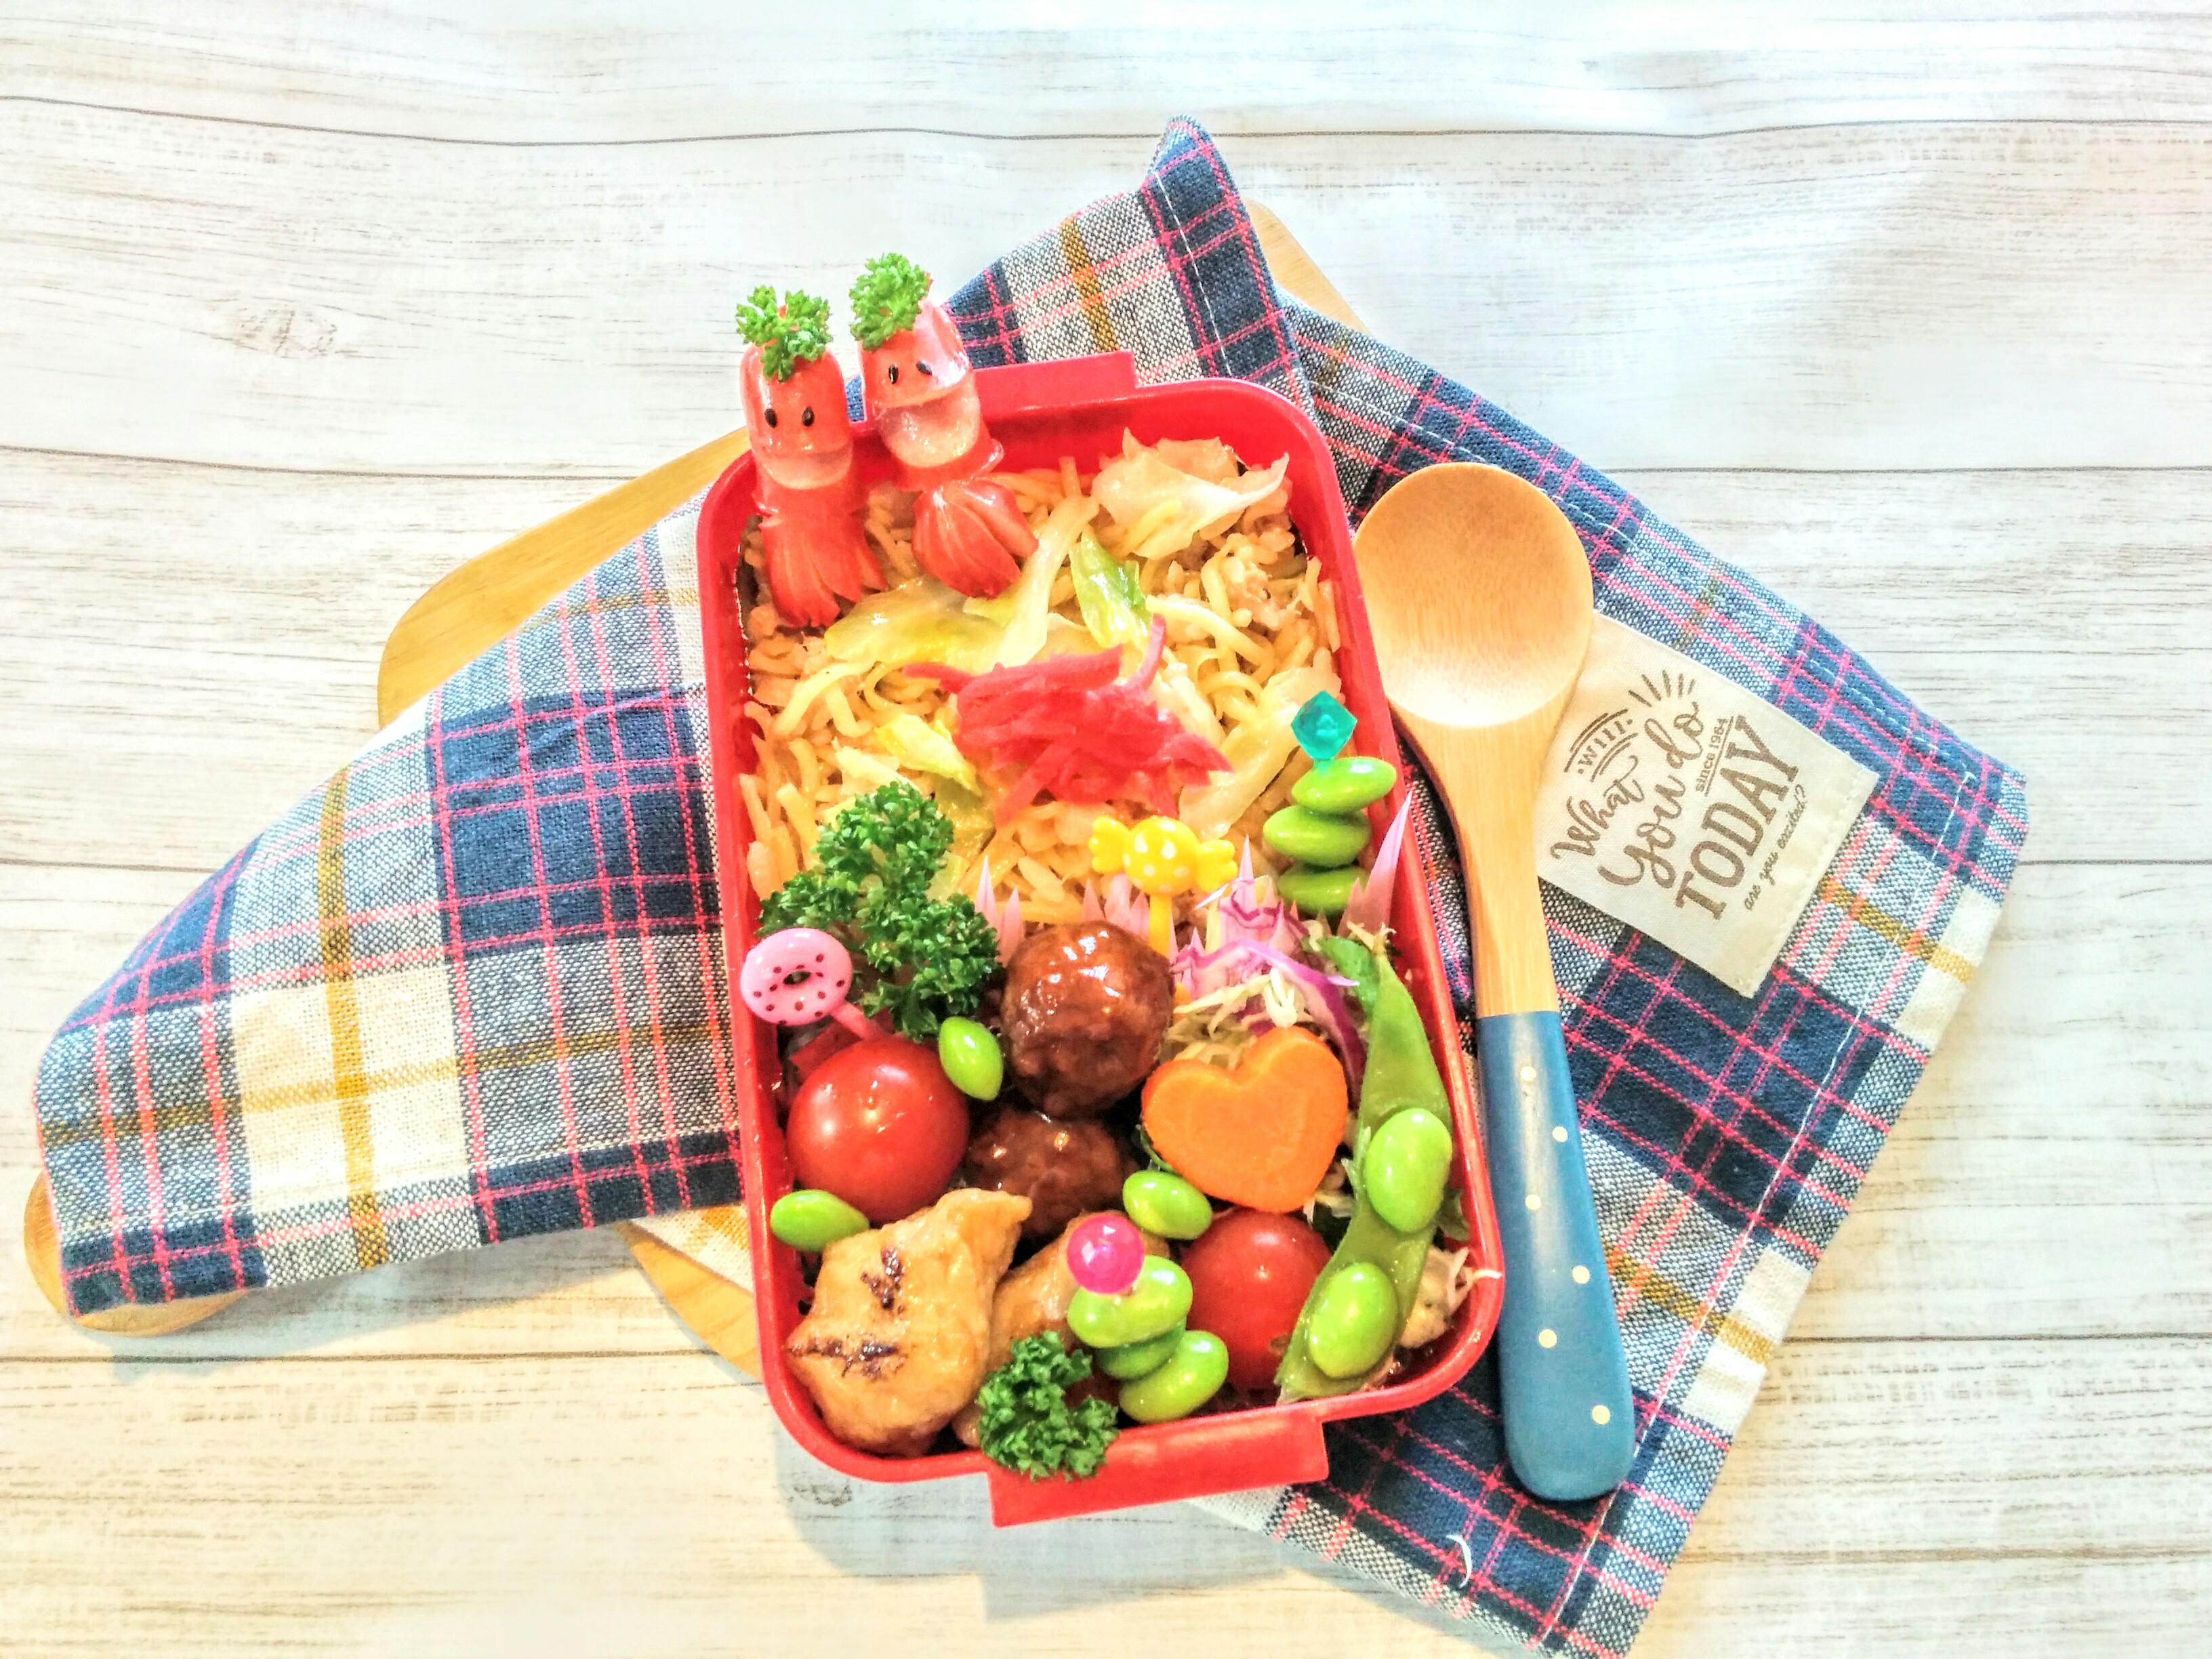 【小樽】娘の今日のお弁当・そばめし弁当グルメ案内です。